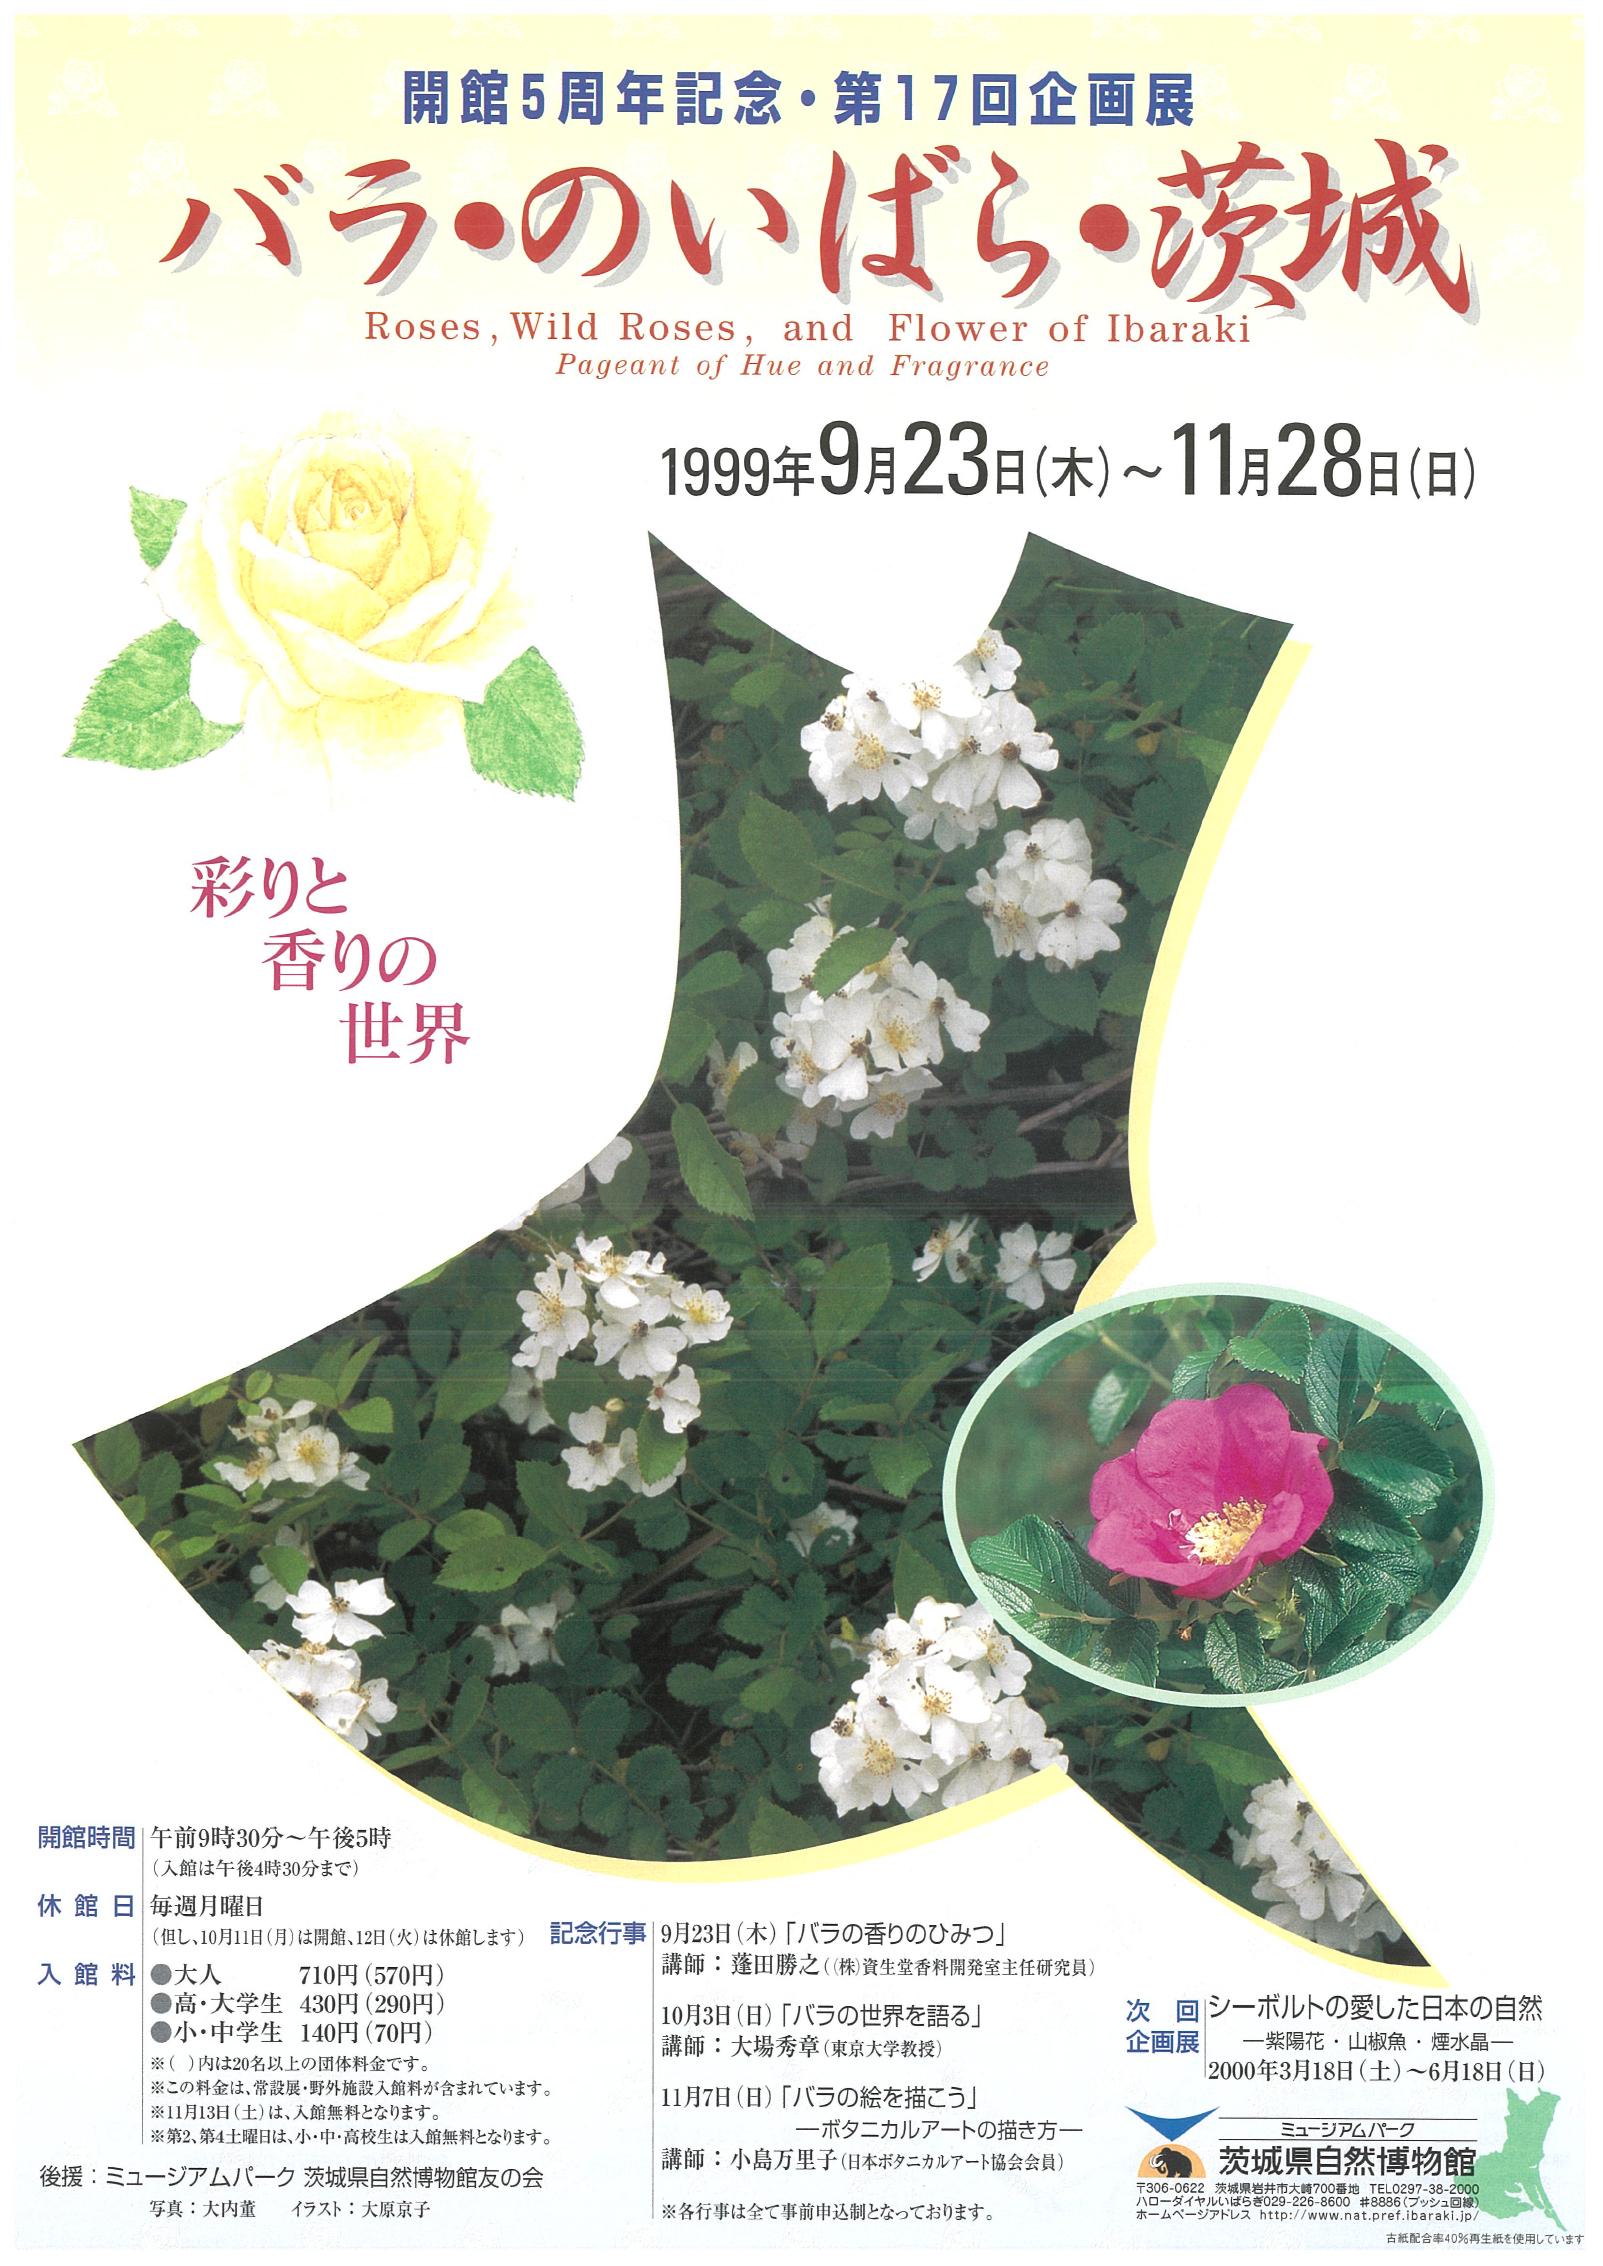 バラ・のいばら・茨城 -彩りと香りの世界-